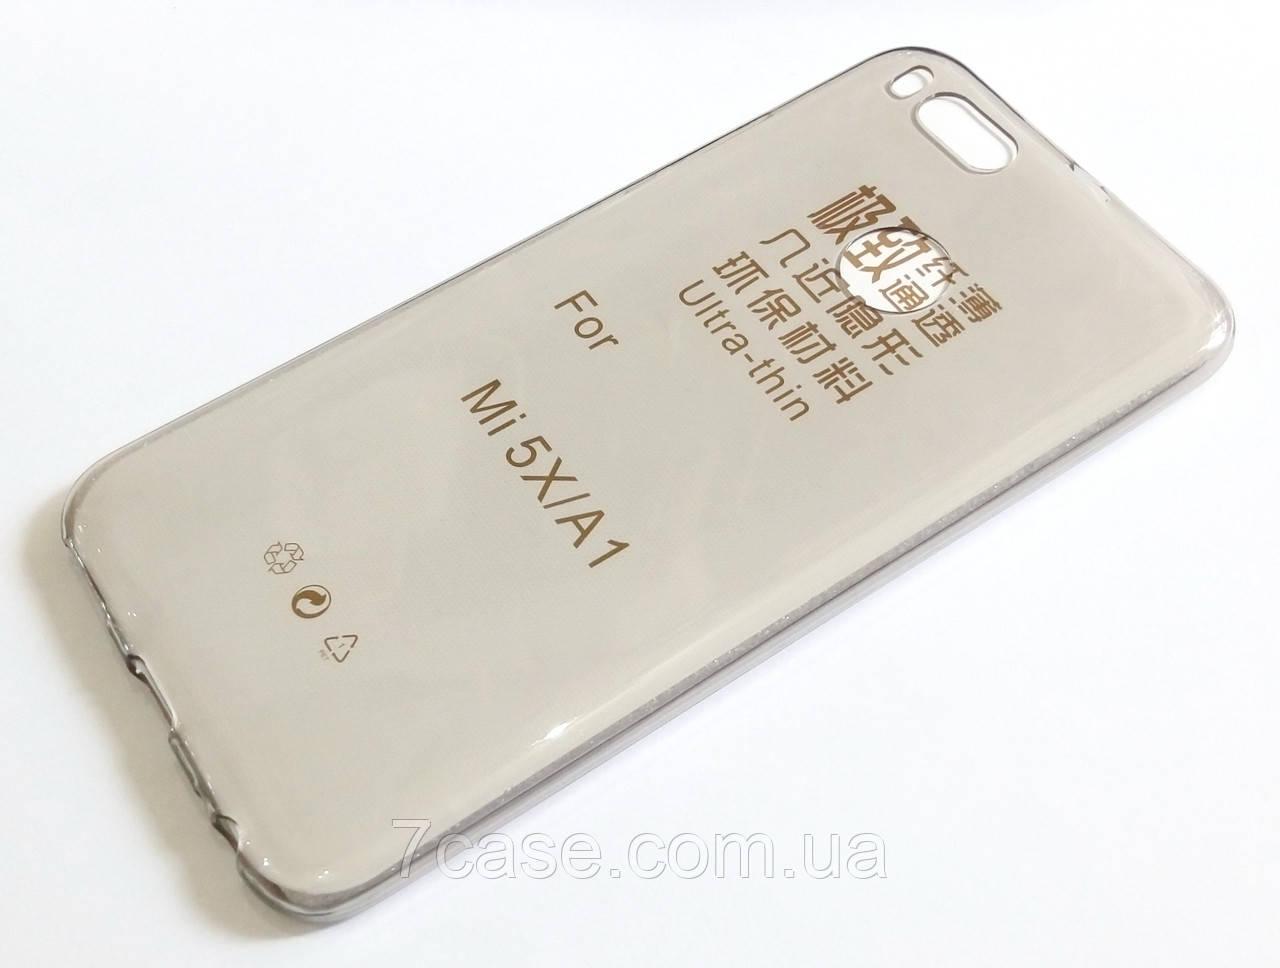 Чохол для Xiaomi Mi A1 / Mi 5X силіконовий ультратонкий прозорий сірий